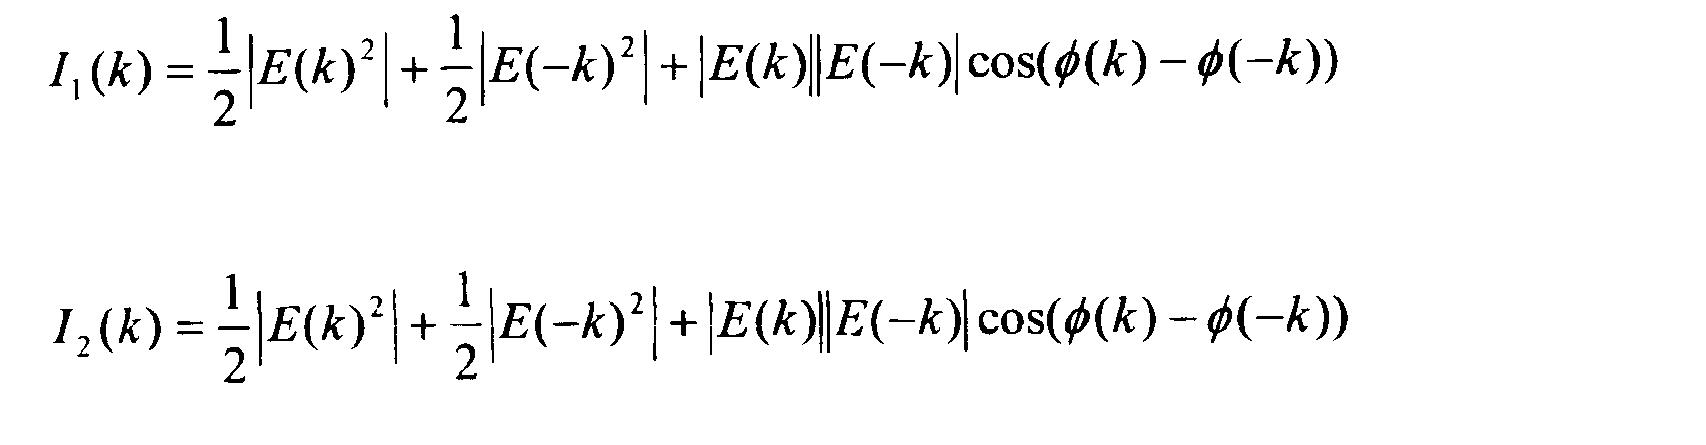 Figure NL1036179A1D00172